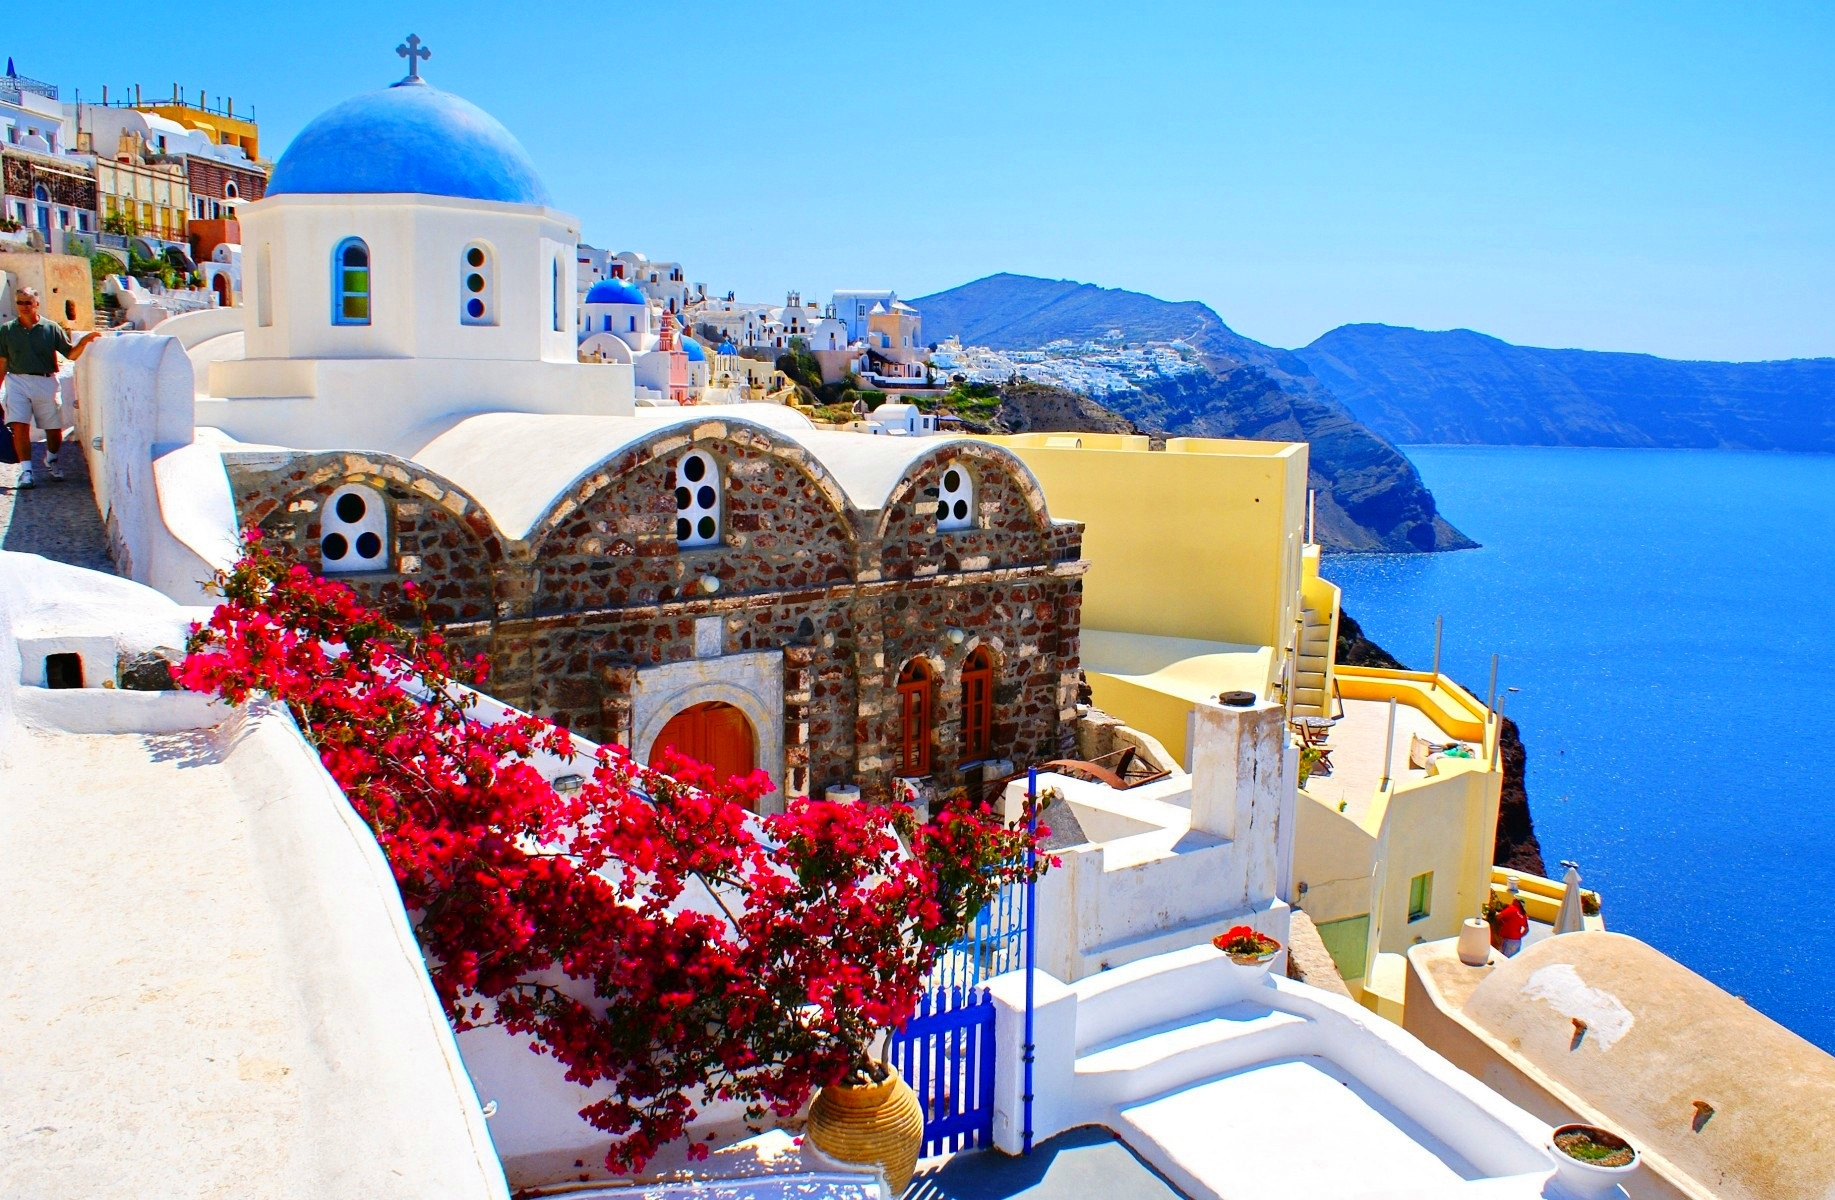 4星•希腊圣托里尼+梅黛奥拉+雅典7日私家团•2人起订•铁定成团【2-6人精致小车团】